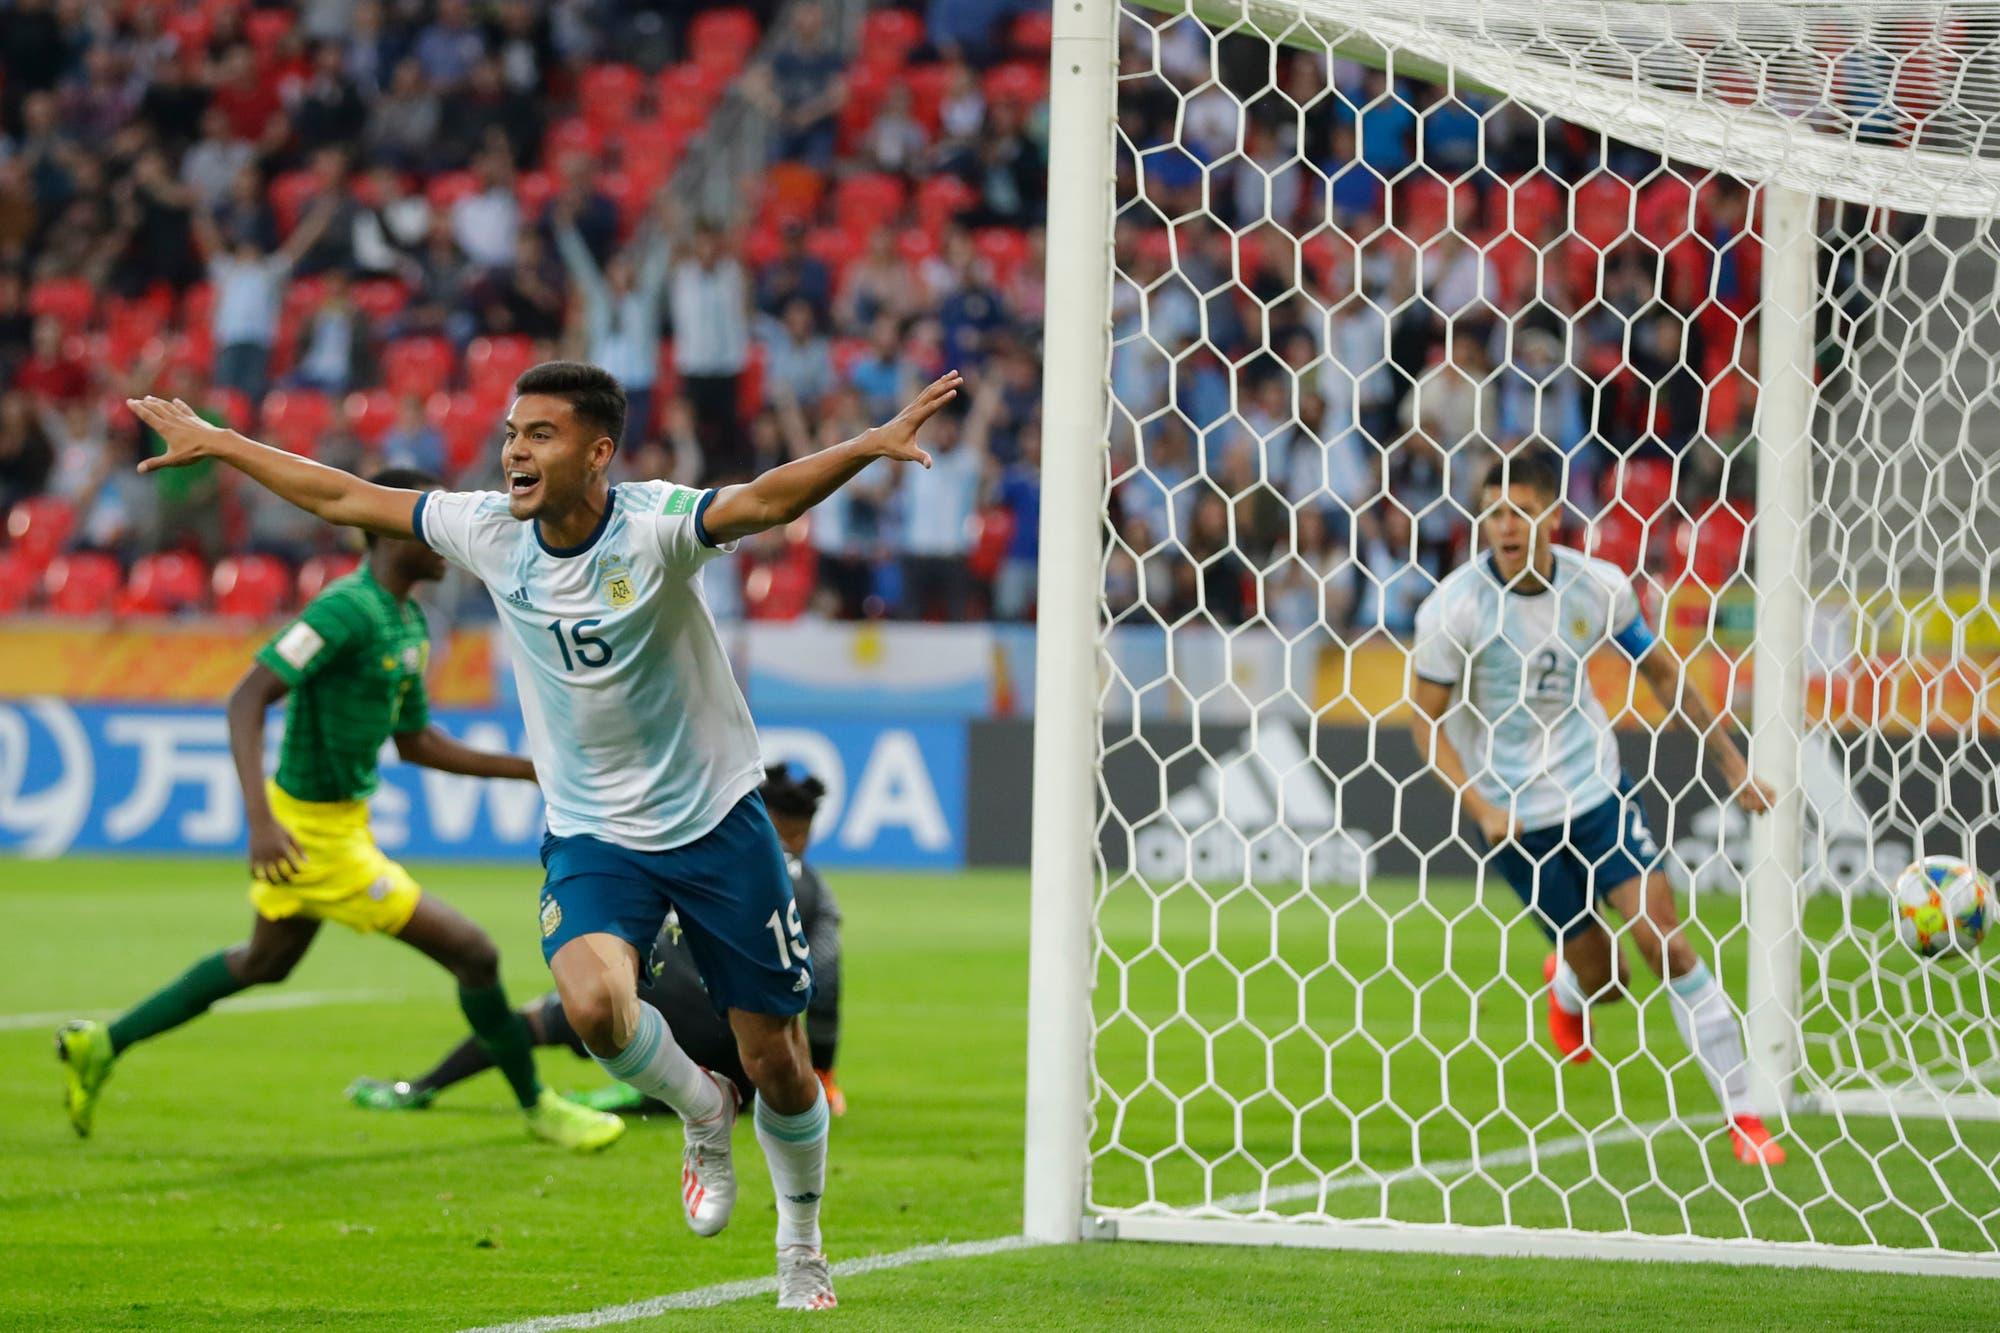 Un VAR con déjà vu, cinco goles y los tres enganches: historias mínimas en el debut de la selección argentina en el Mundial Sub 20